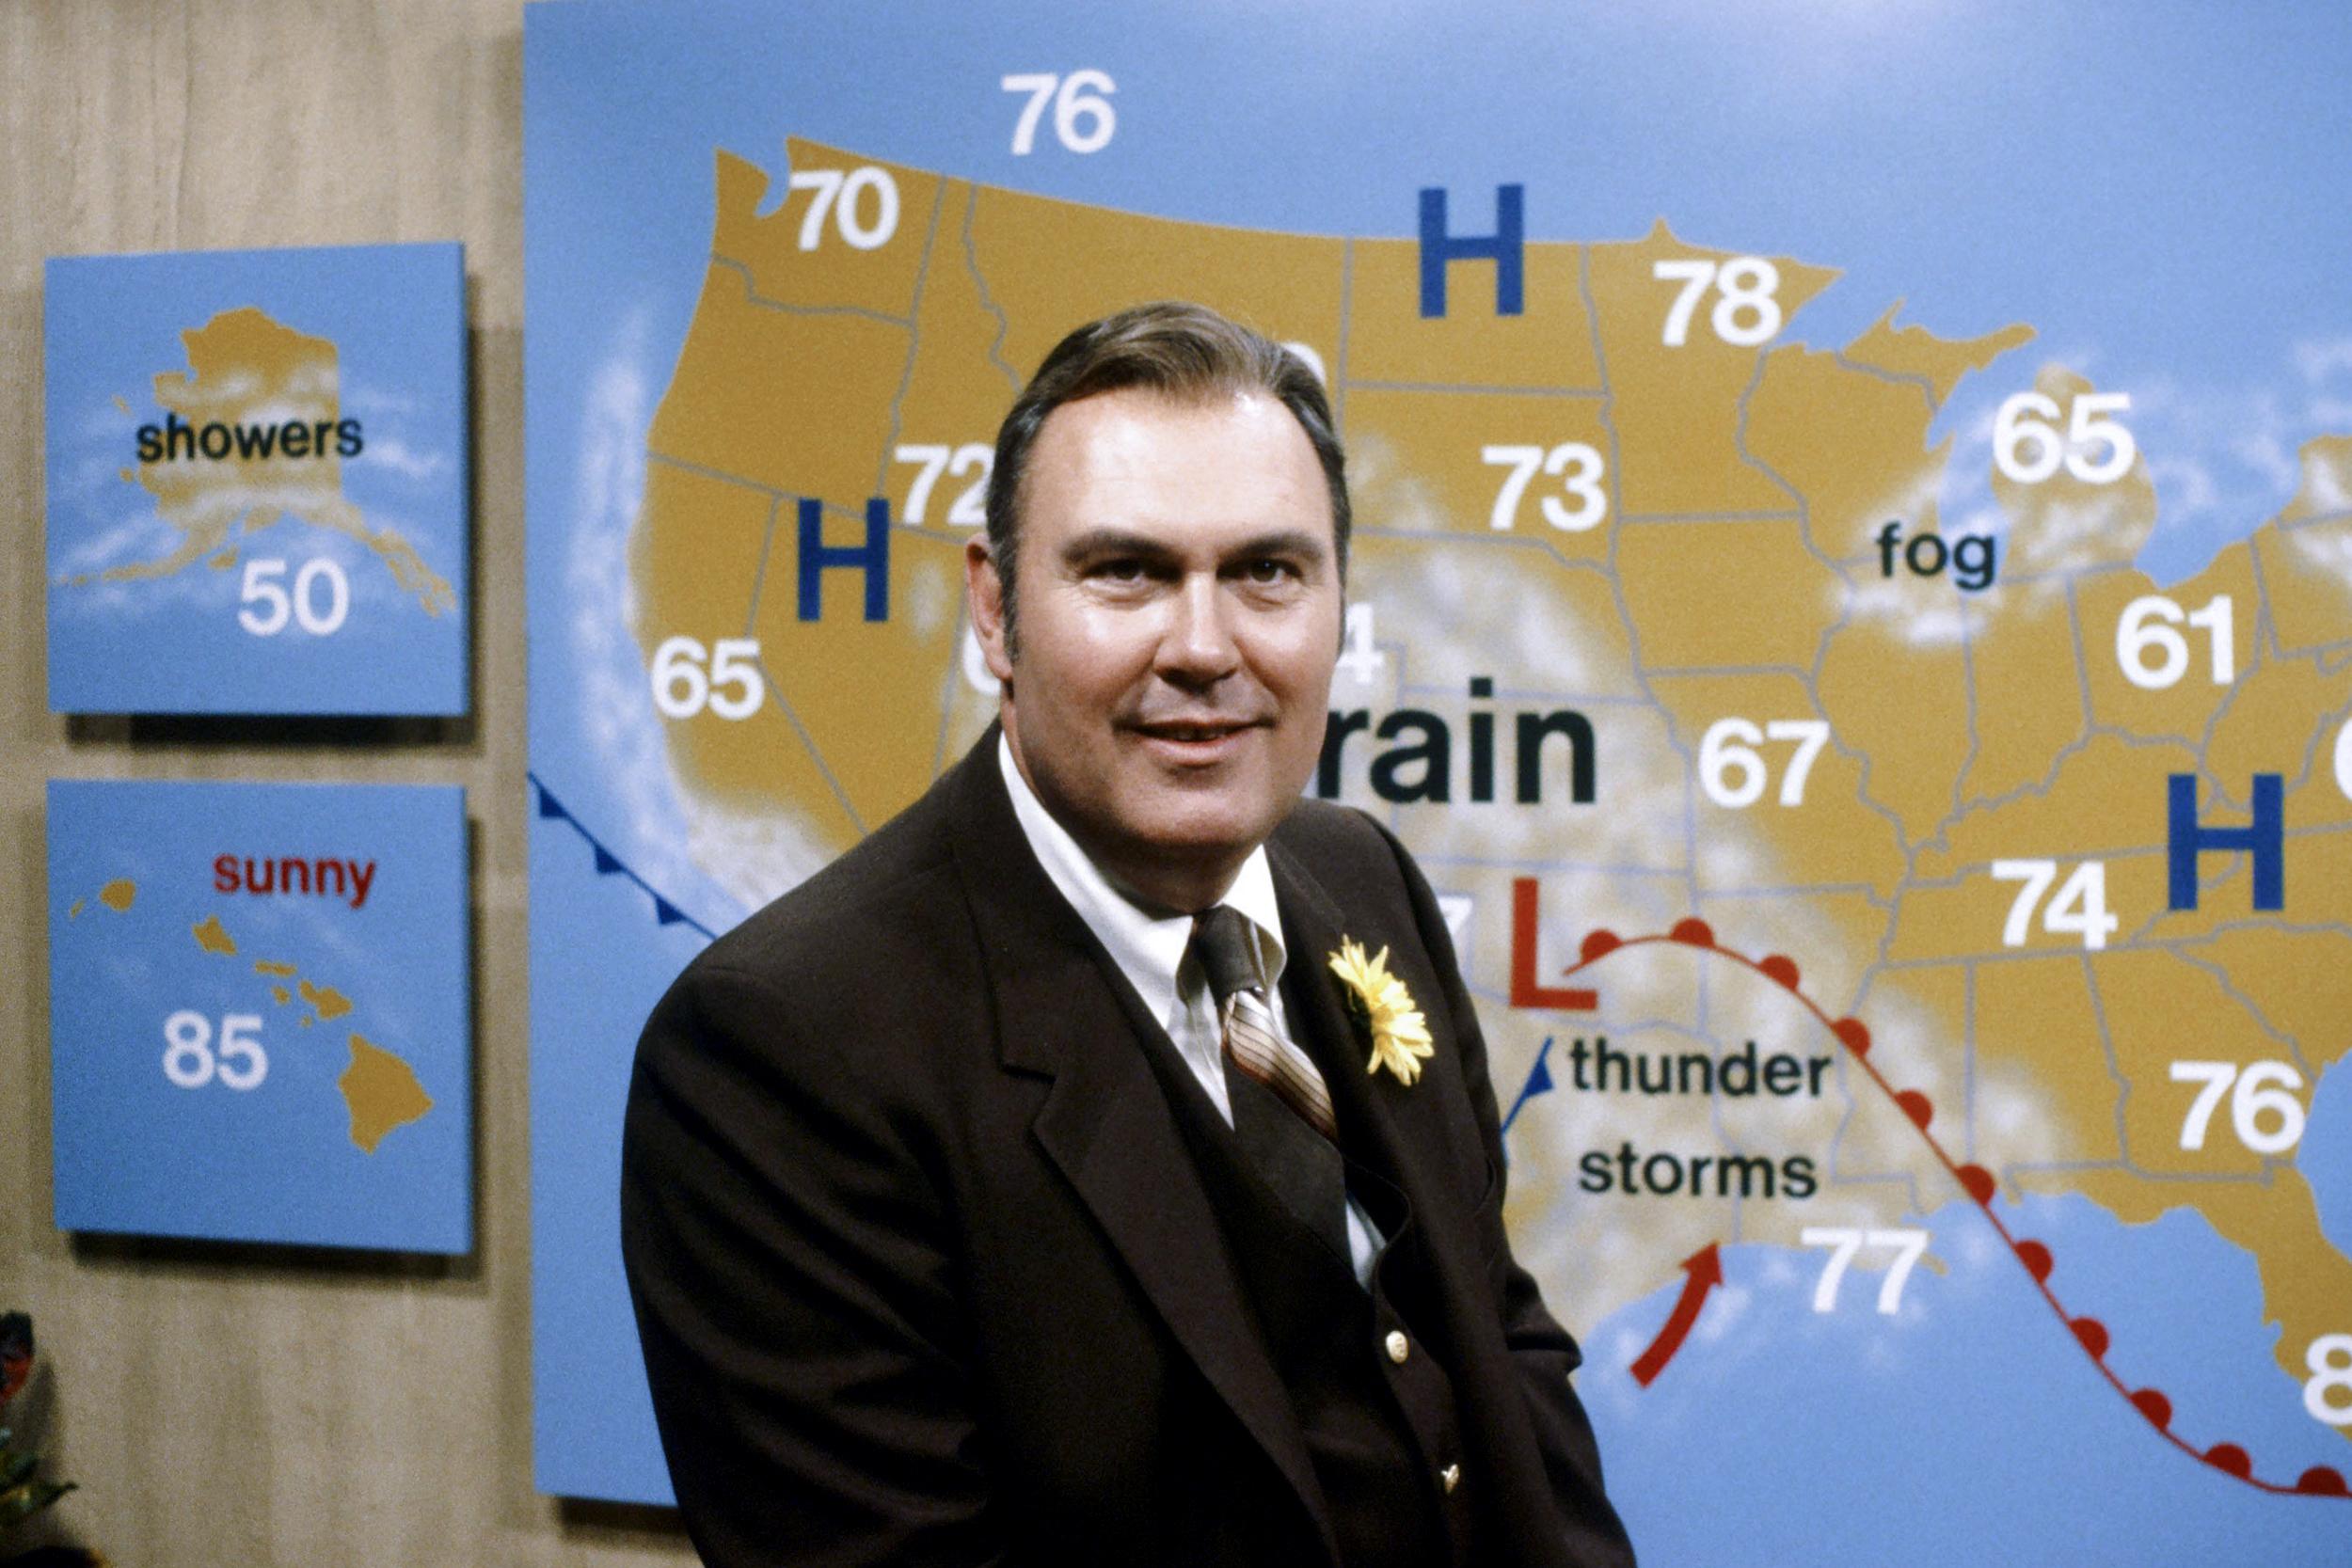 Legendary 'Today' show weatherman Willard Scott dies at 87